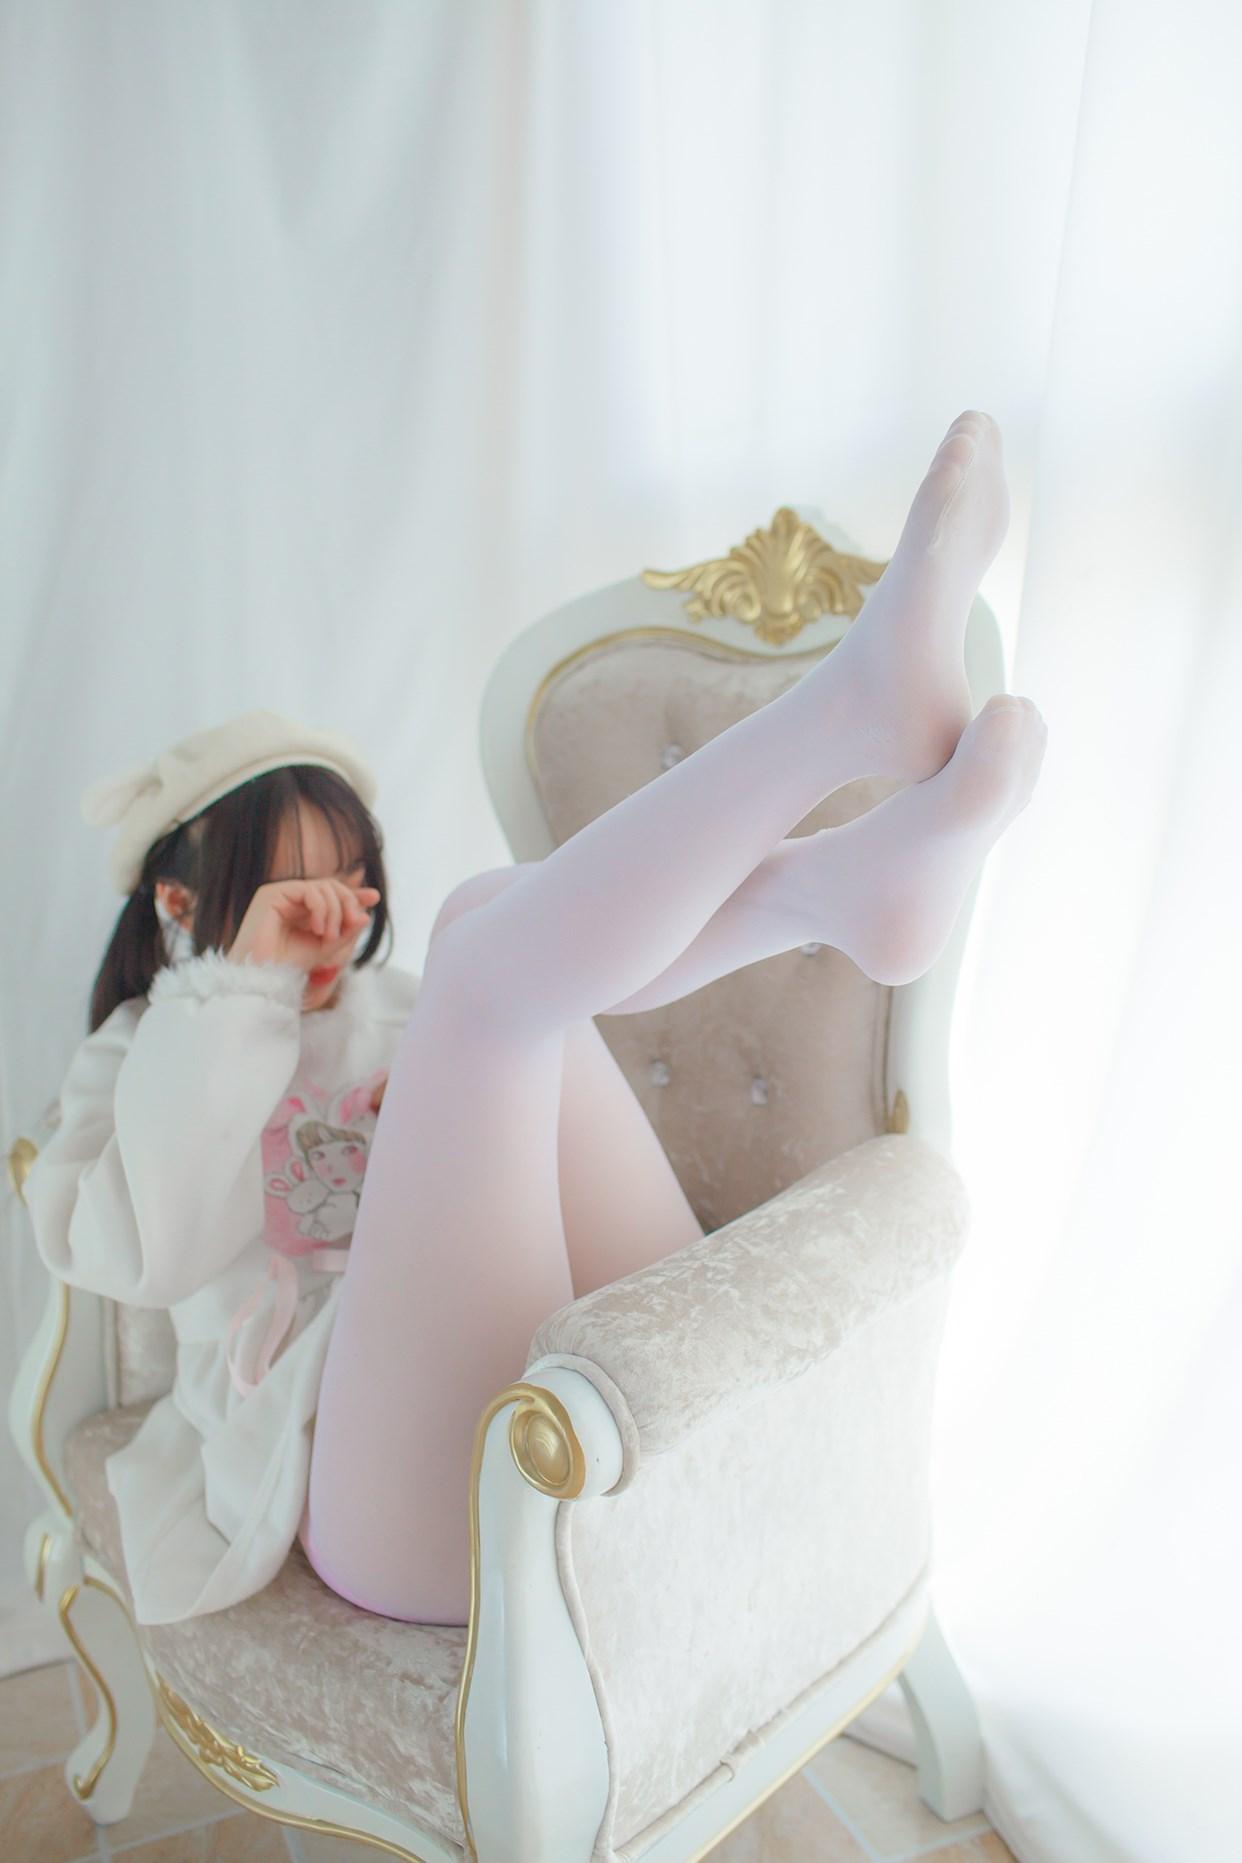 【兔玩映画】激萌小萝莉 兔玩映画 第11张